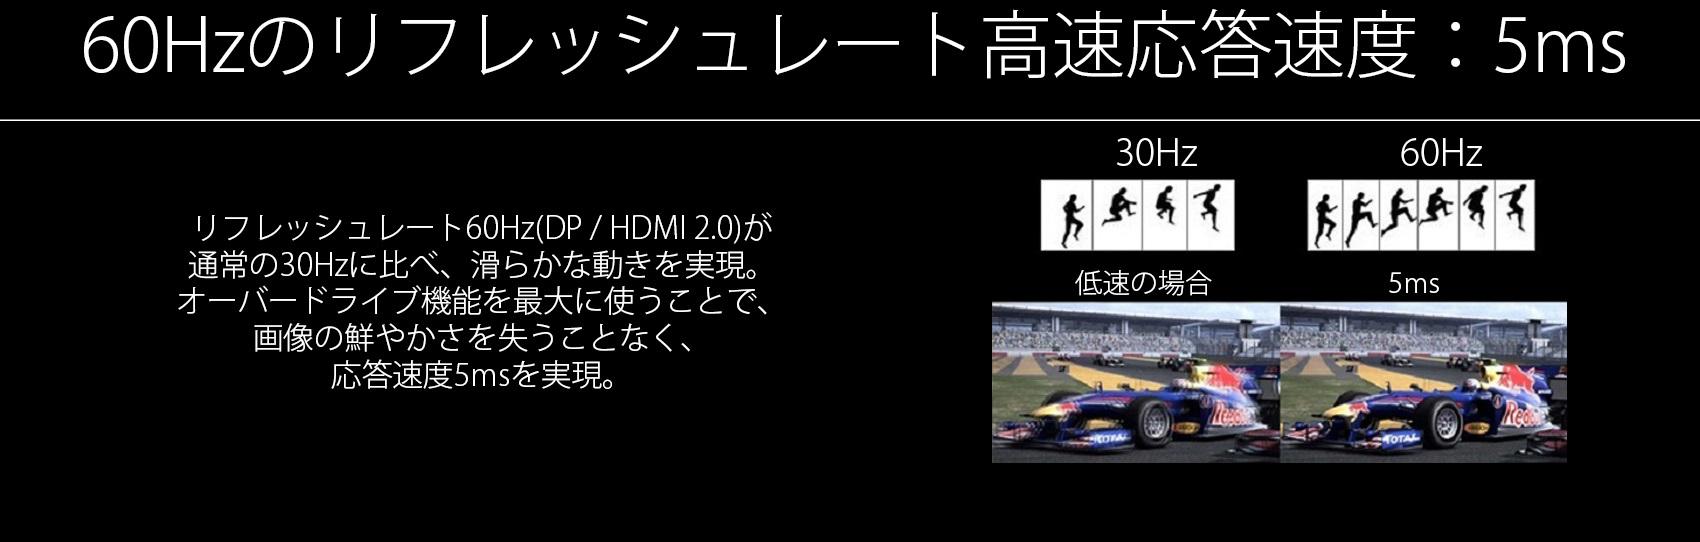 フレッシュレート60Hz(DP / HDMI 2.0)が通常の30Hzに比べ、滑らかな動きを実現。オーバードライブ機能を最大に使うことで、画像の鮮やかさを失うことなく、応答速度5msを実現。